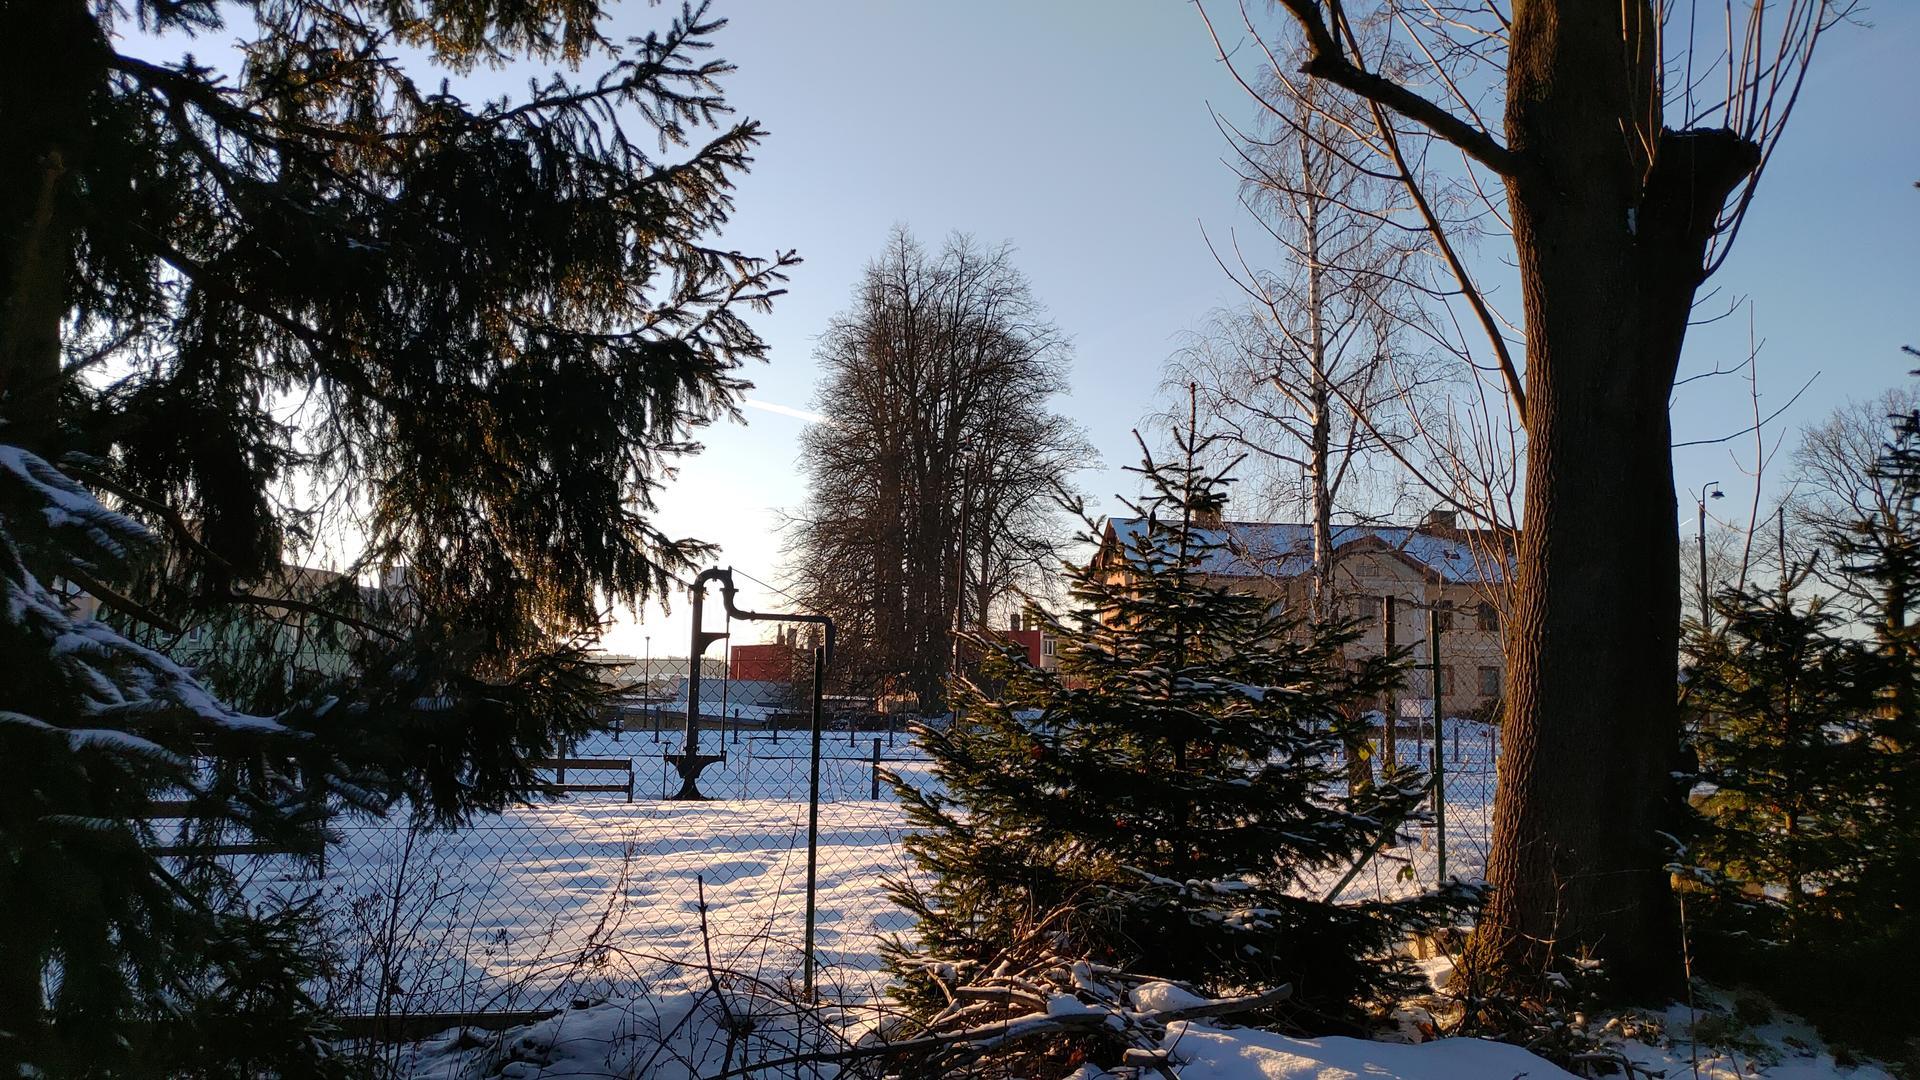 Projekt víkendové bydlení II (aneb návrat ke kořenům) - zimní budoucí výhled :-)